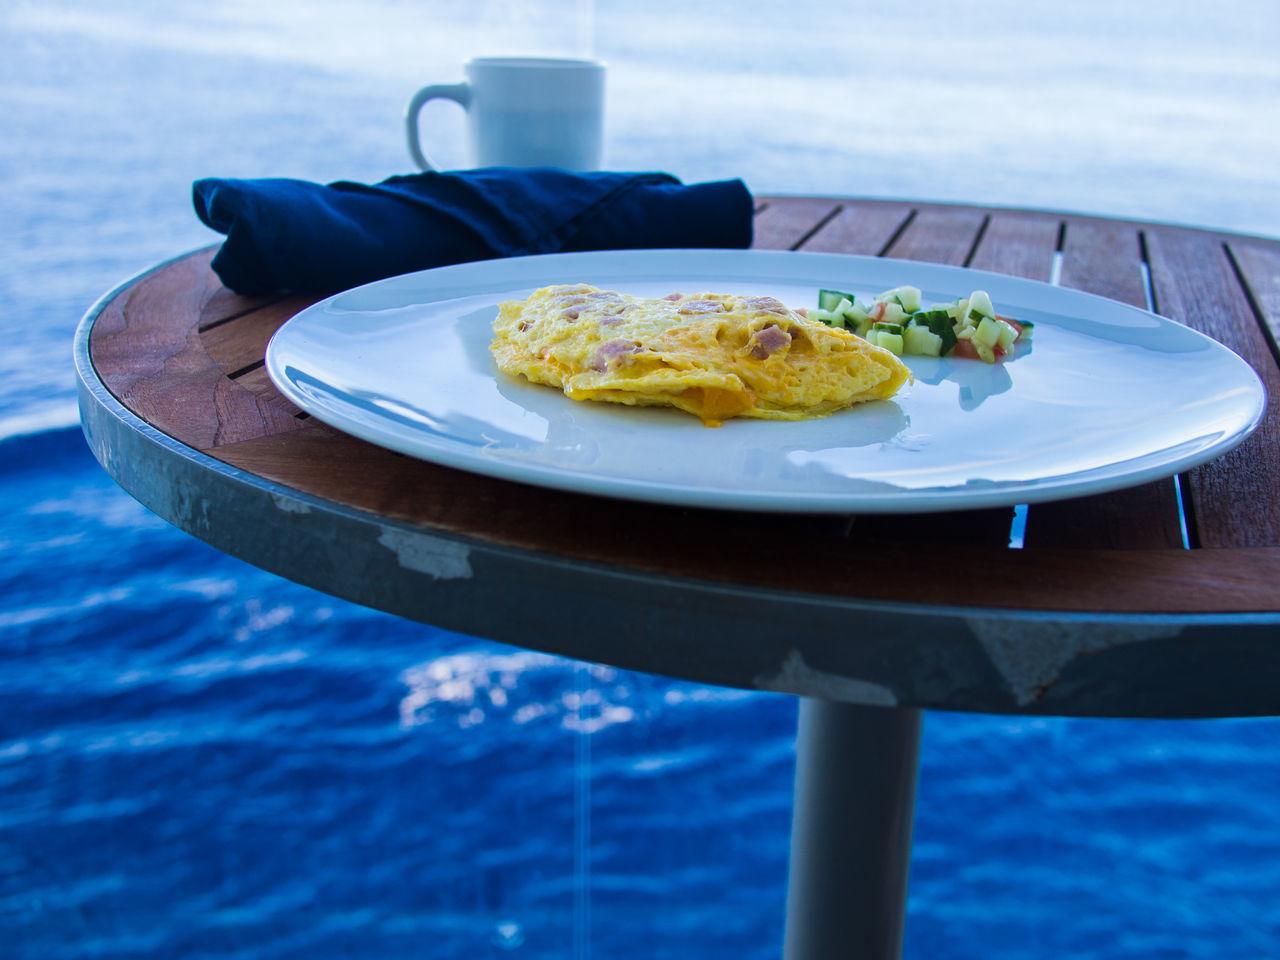 Cooked breakfast overlooking the ocean Breakfast Breakfast With A View Cooked Breakfast  Eggs Enjoying Life